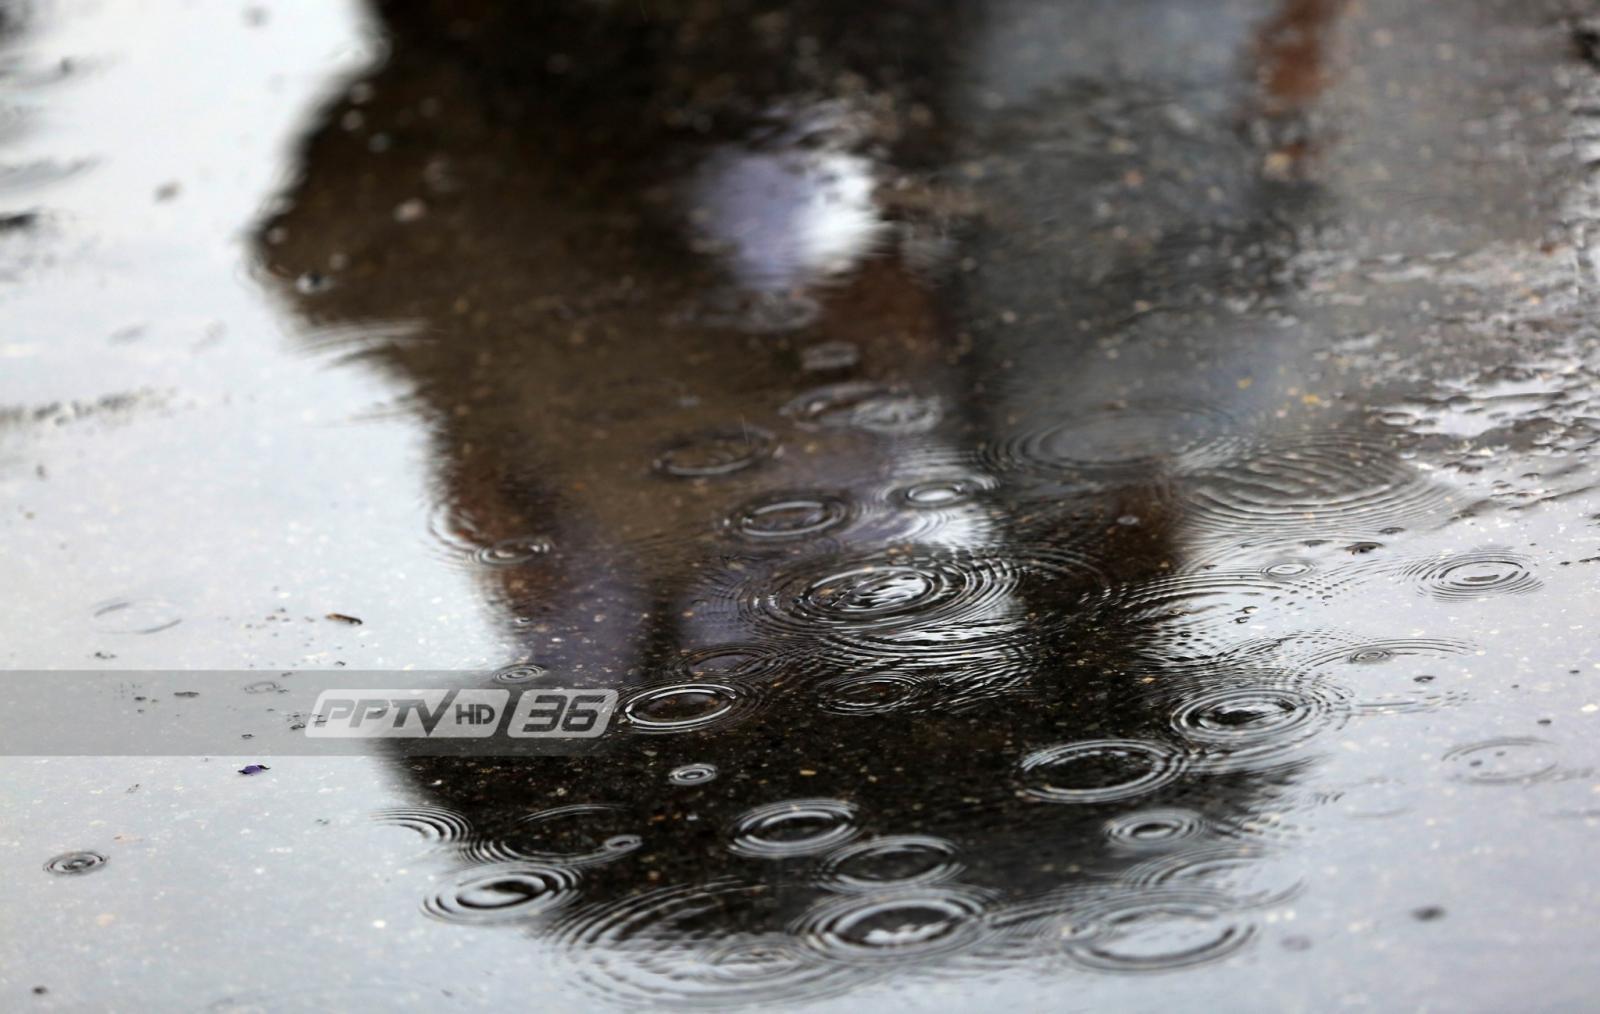 อุตุฯ เผย ภาคใต้มีฝนฟ้าคะนอง-คลื่นสูง 2-3 เมตร